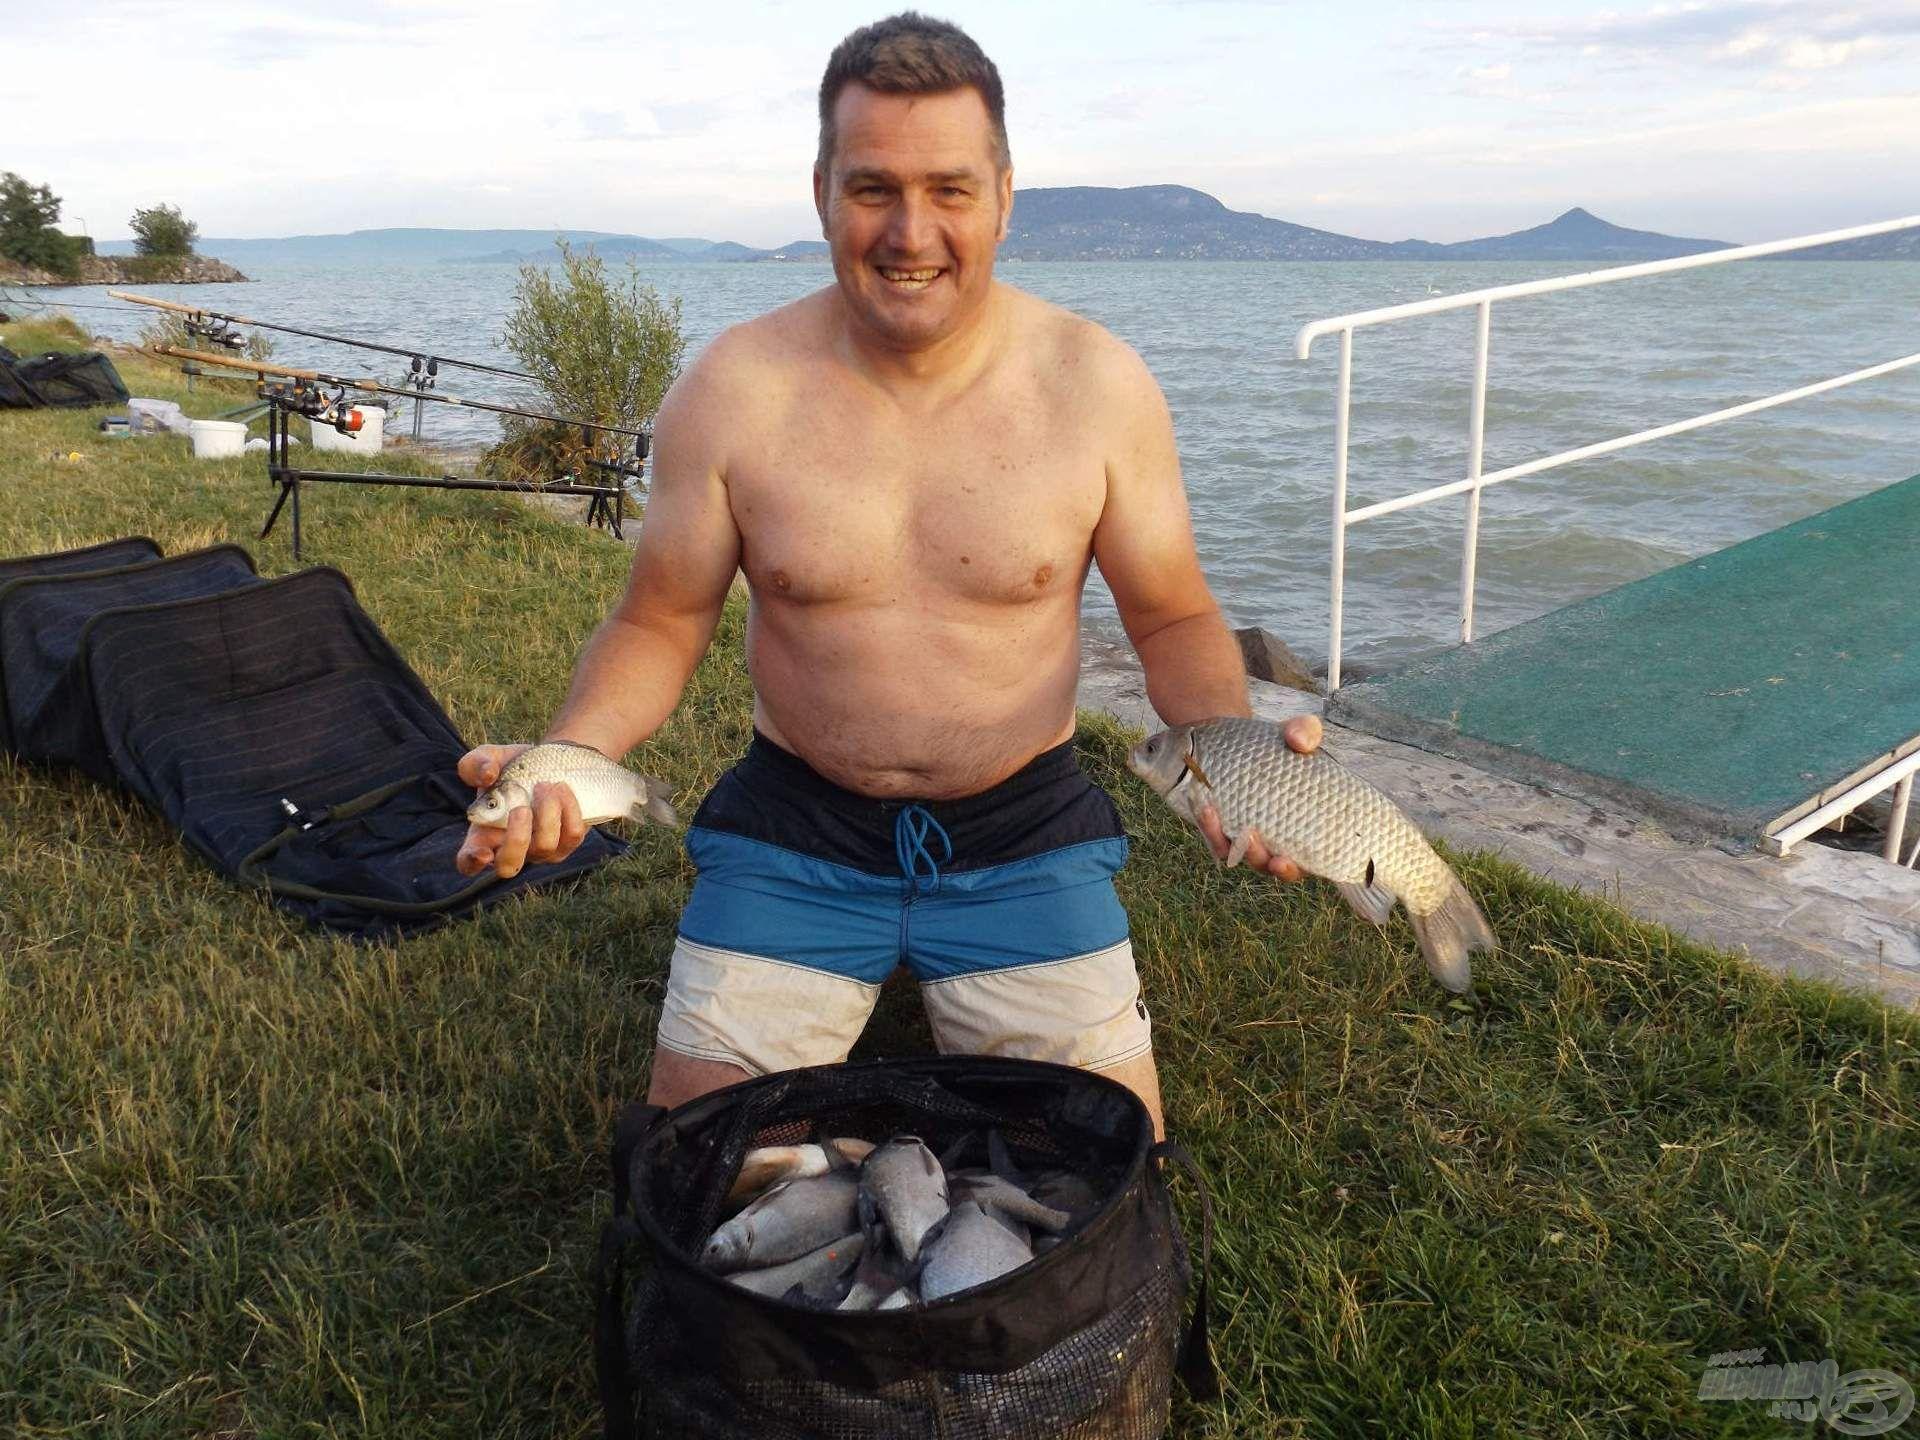 Atosz is közel járt Segalhoz, mindössze 780 grammnyival maradt le